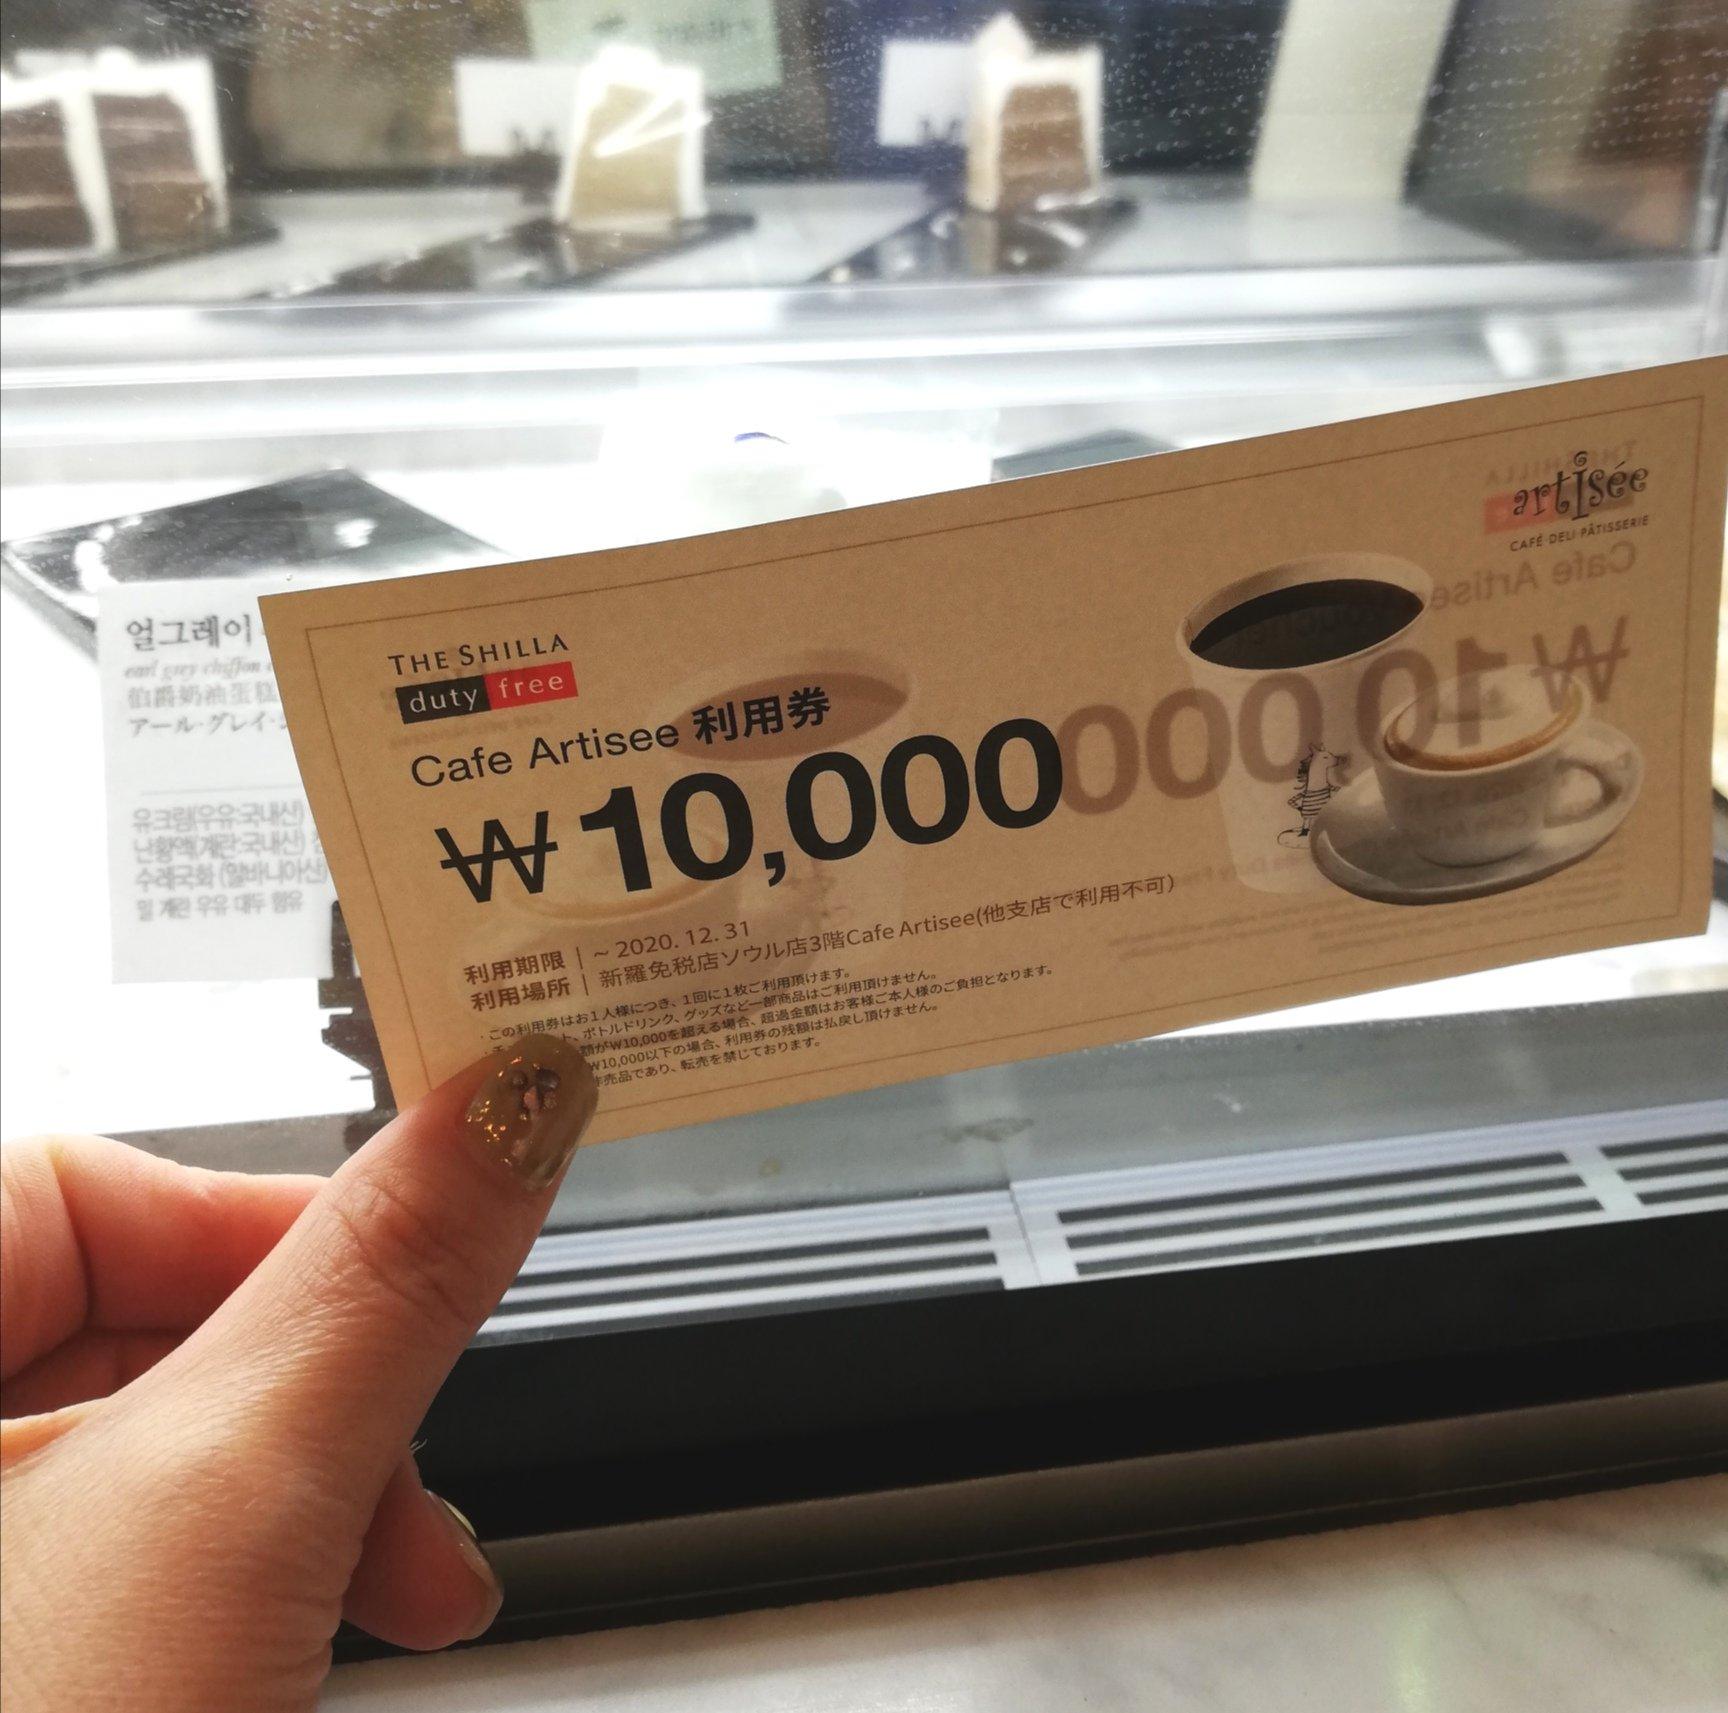 新羅免税店 新羅 韓国免税店 韓国お得情報 artisee